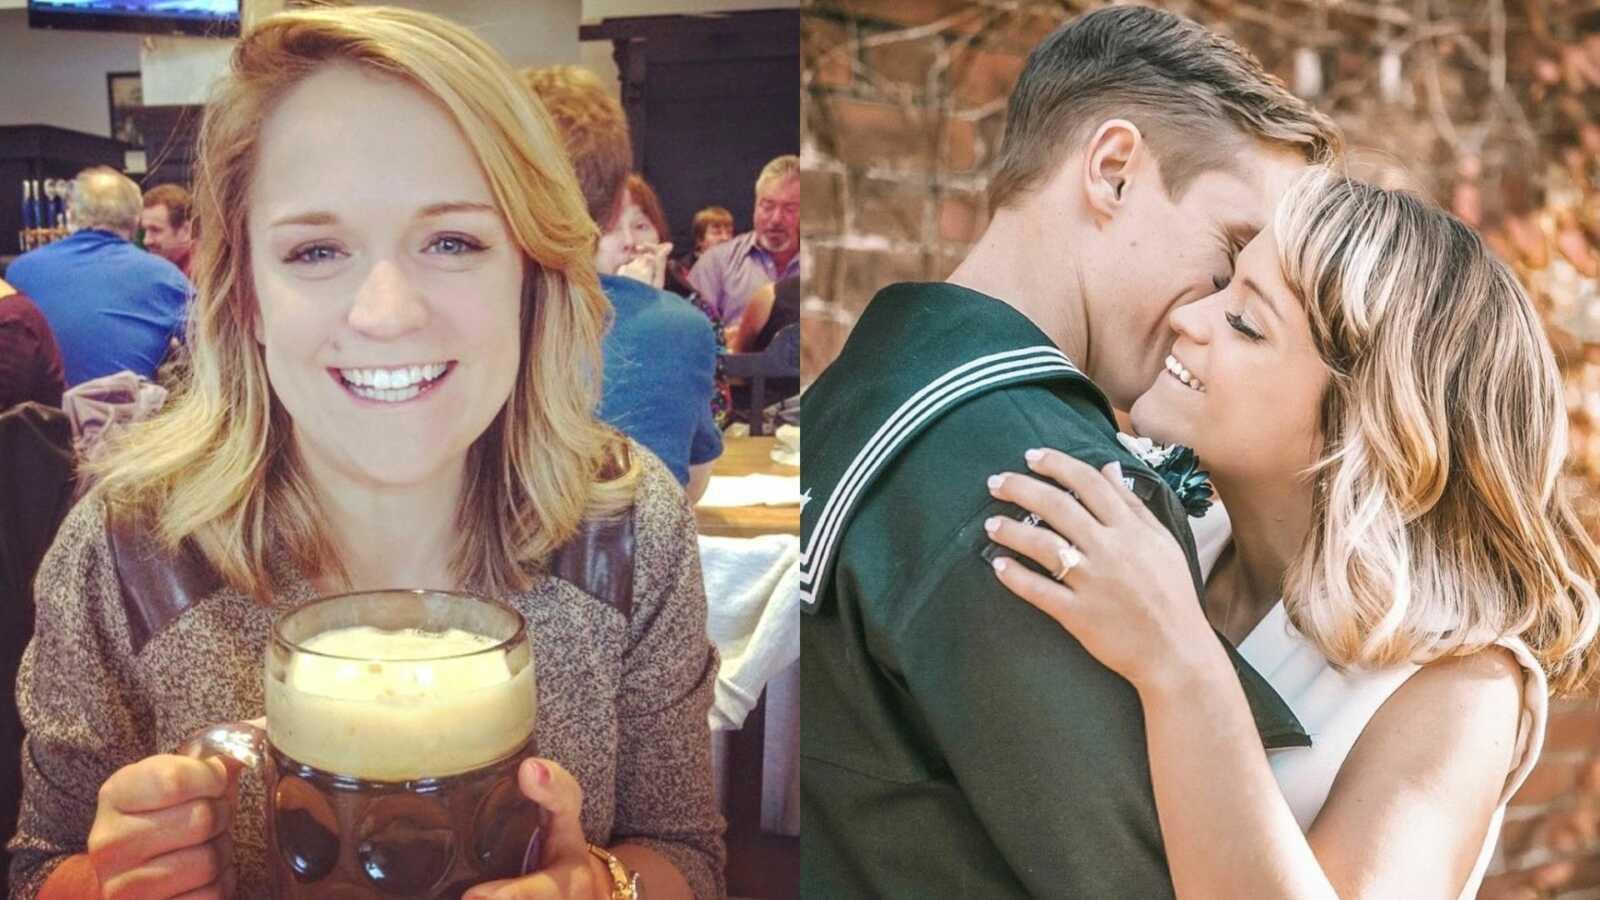 左边的女人在酒吧拿着巨大的啤酒,右边的女人和海军拍订婚照fiancé